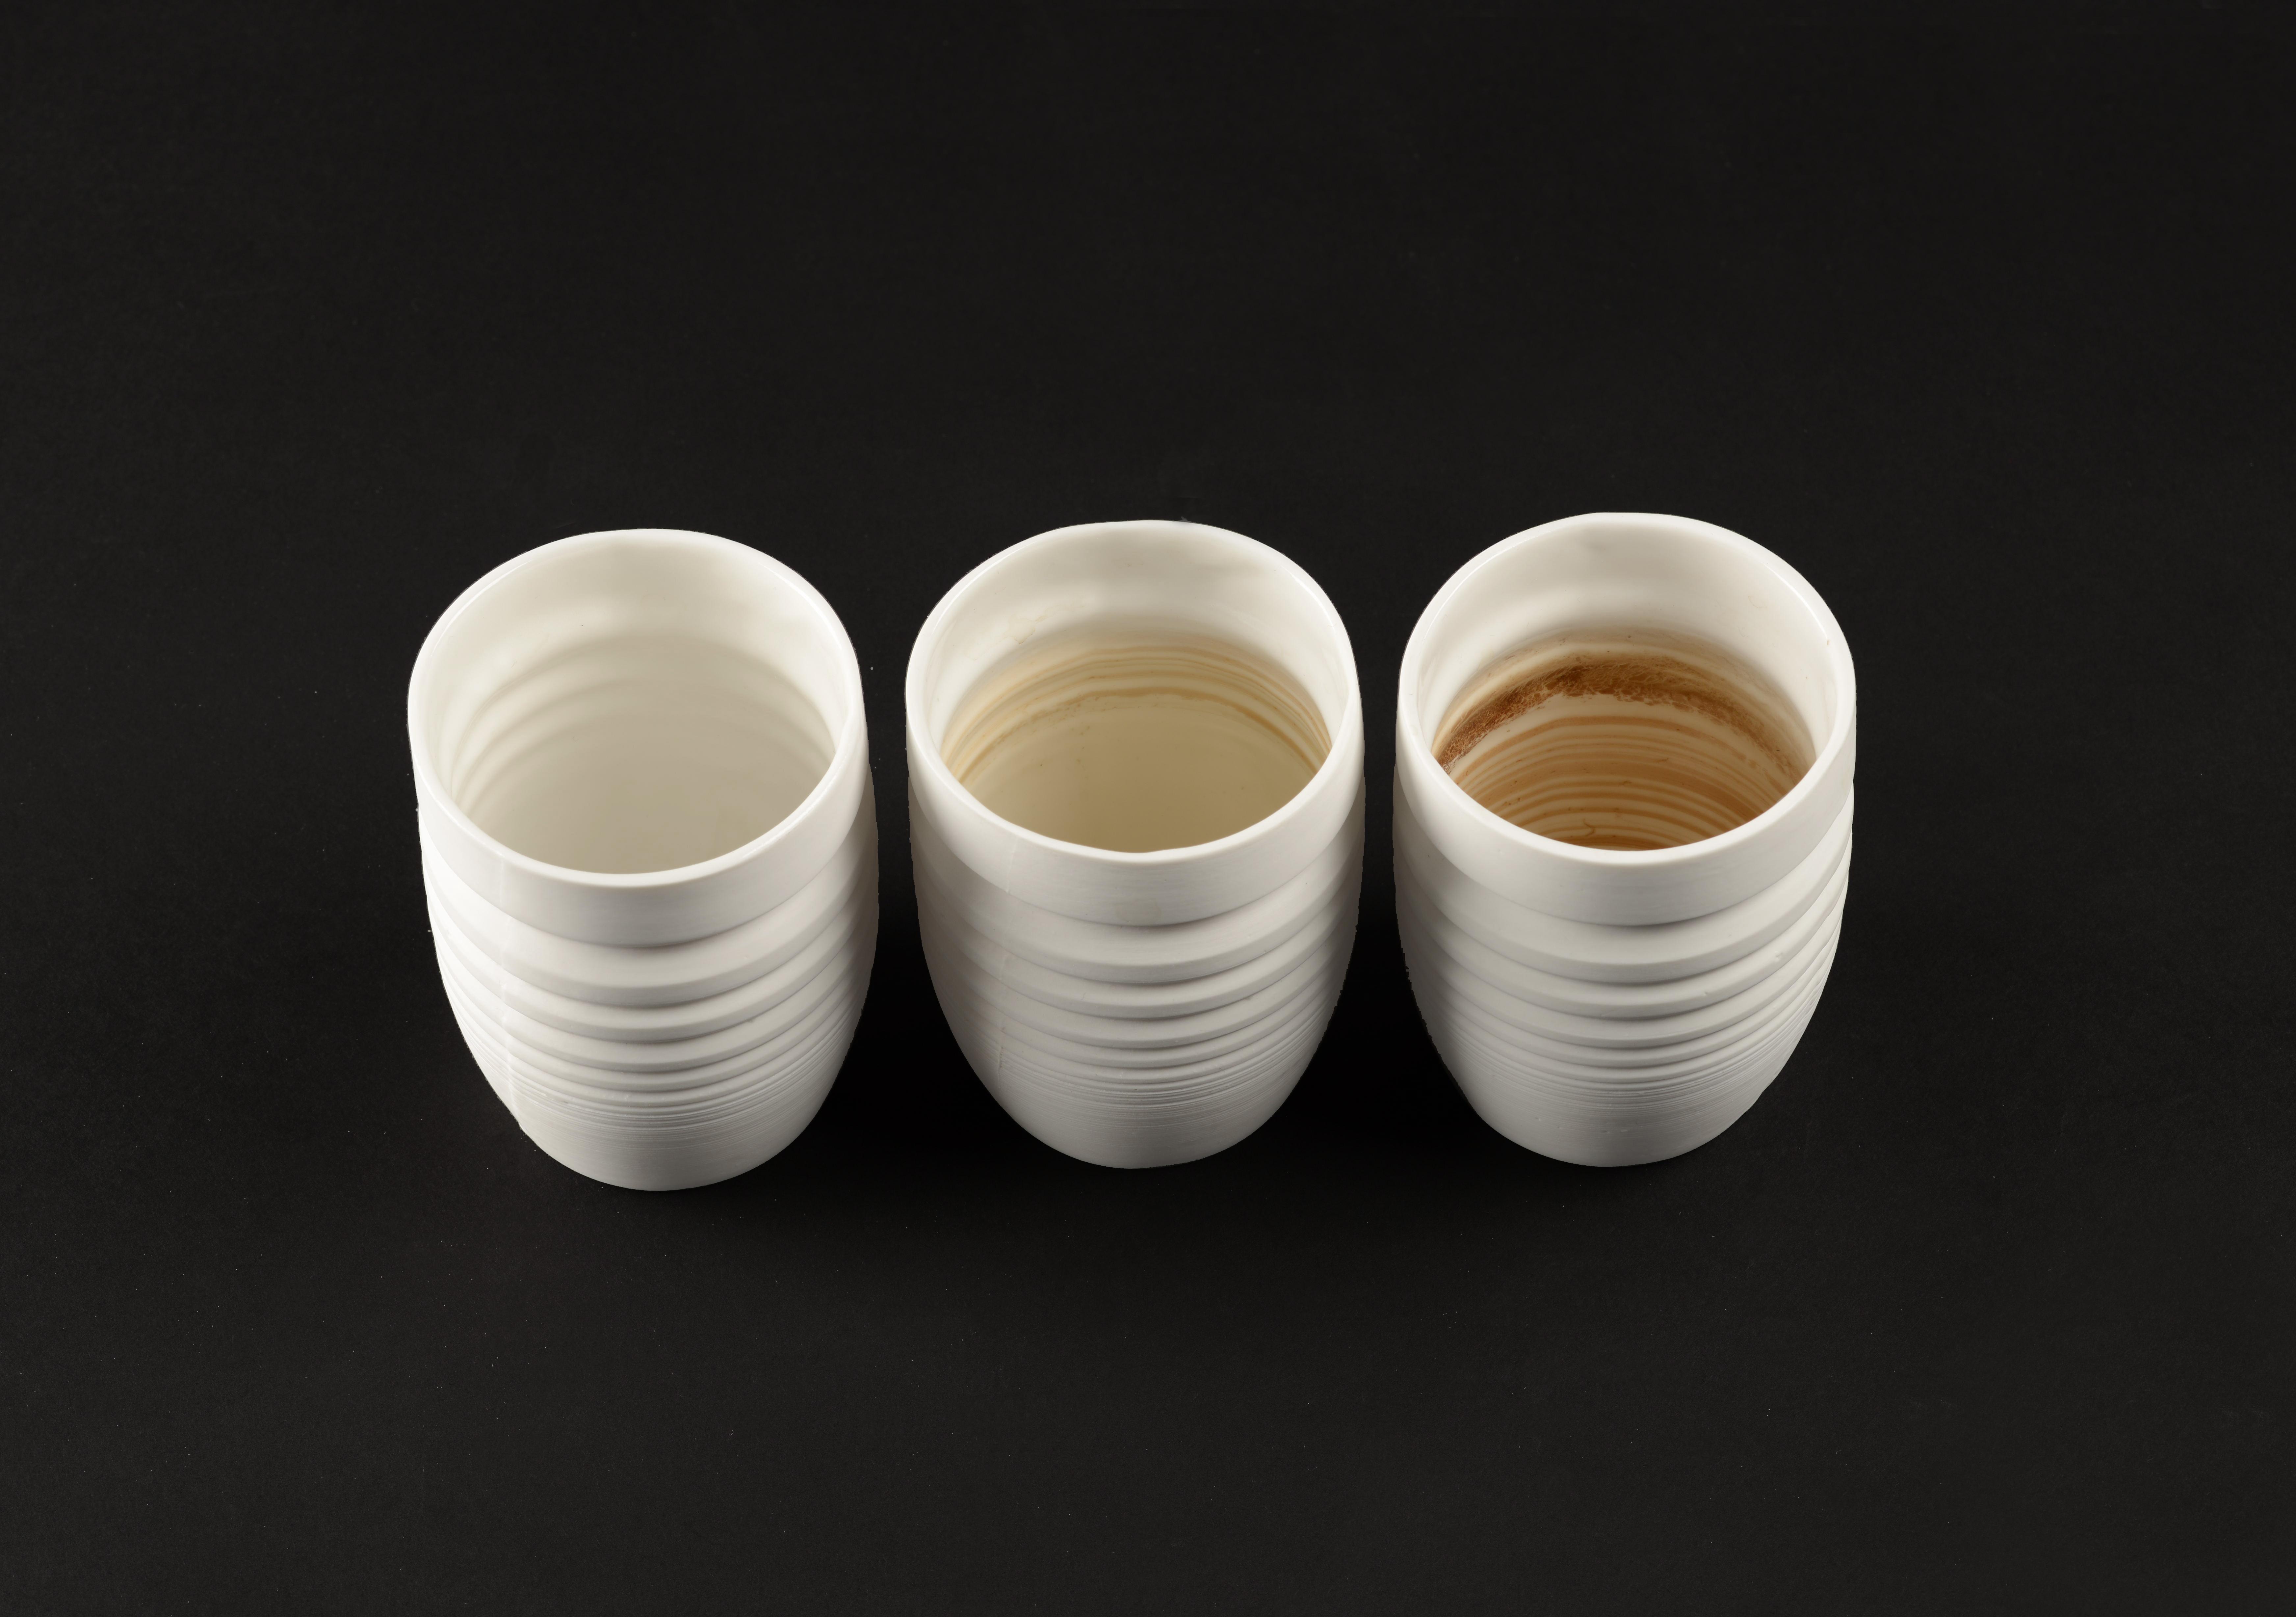 Teebecher mit zunehmenden Spuren